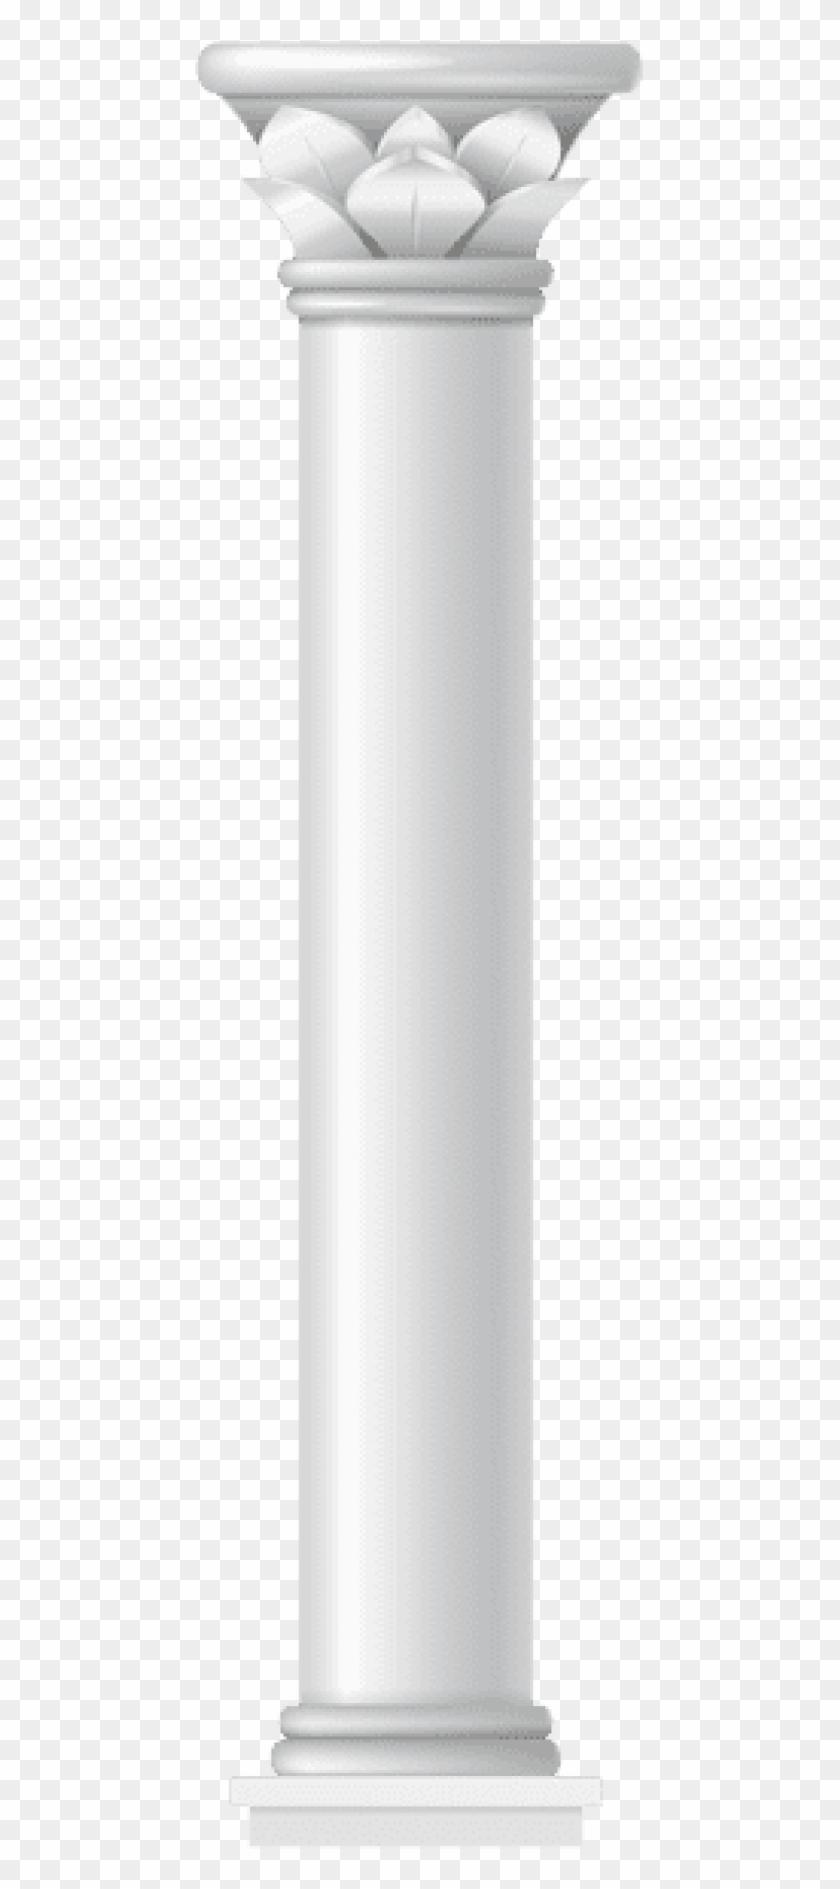 Column clipart pillers. Free png download pillar